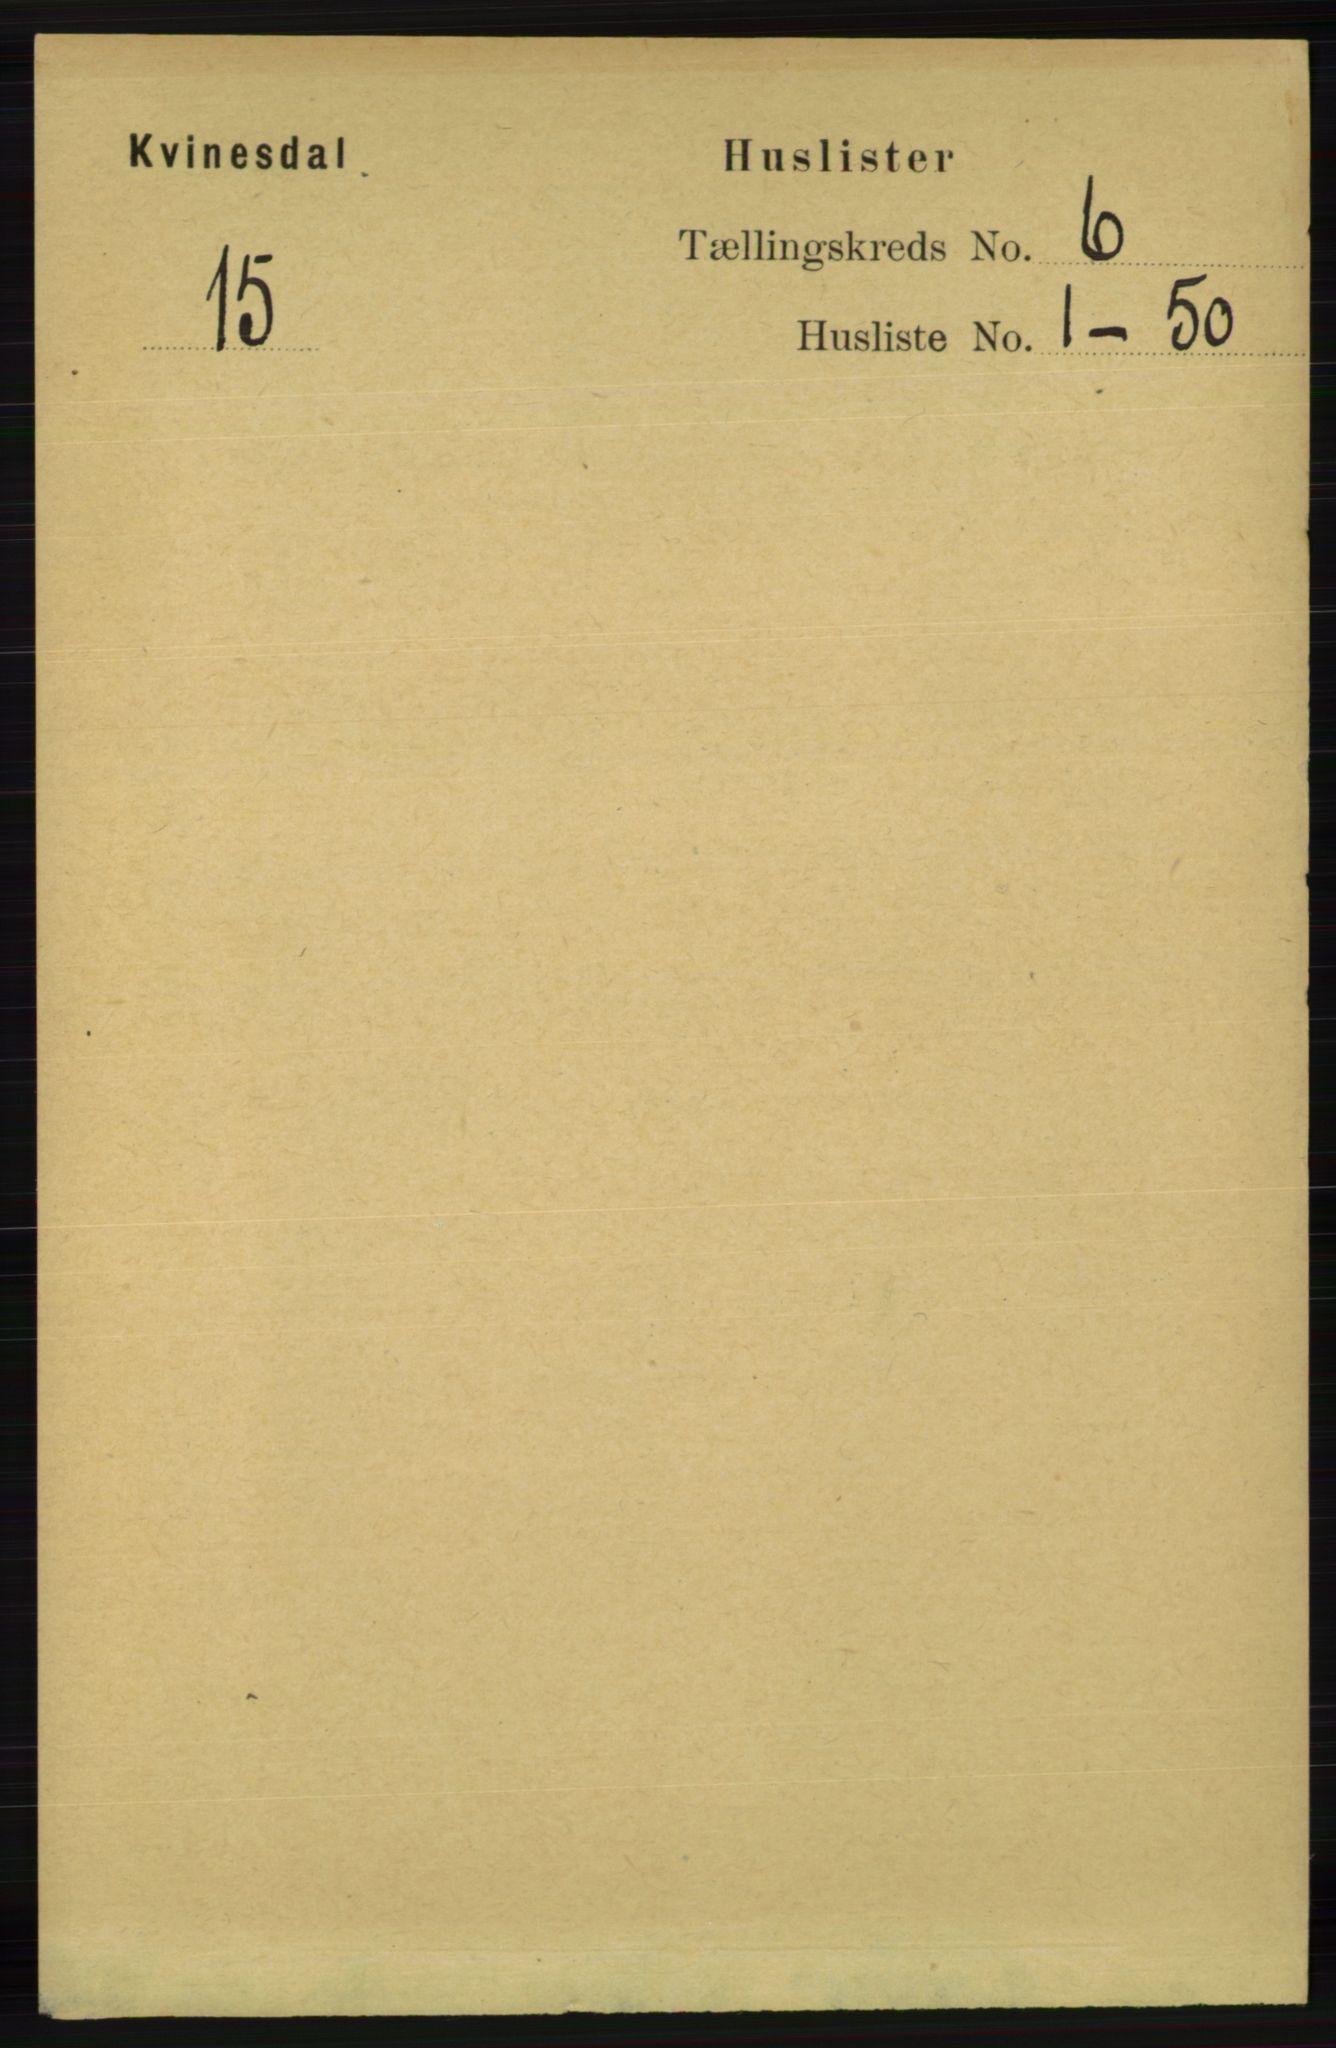 RA, Folketelling 1891 for 1037 Kvinesdal herred, 1891, s. 2049